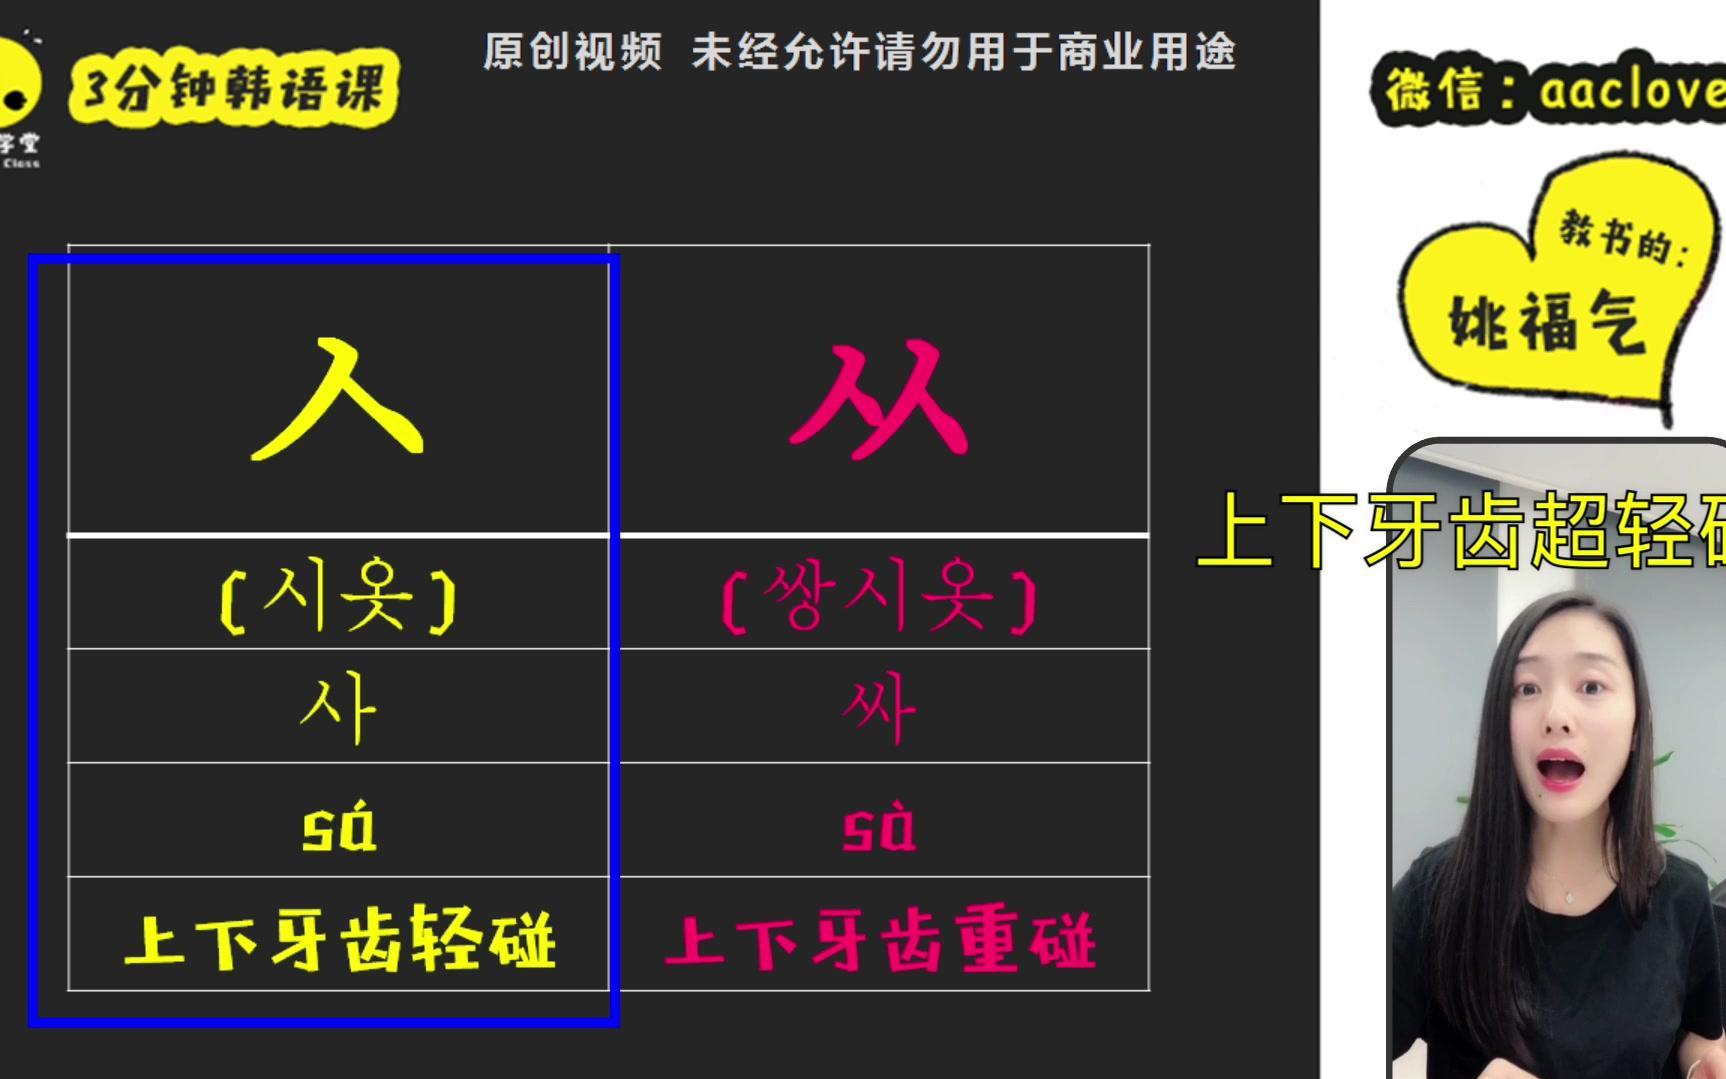 """韩语发音快速入门_韩语入门 3分钟学韩语-第15课 到底是""""撒浪嘿""""还是""""擦浪嘿 ..."""